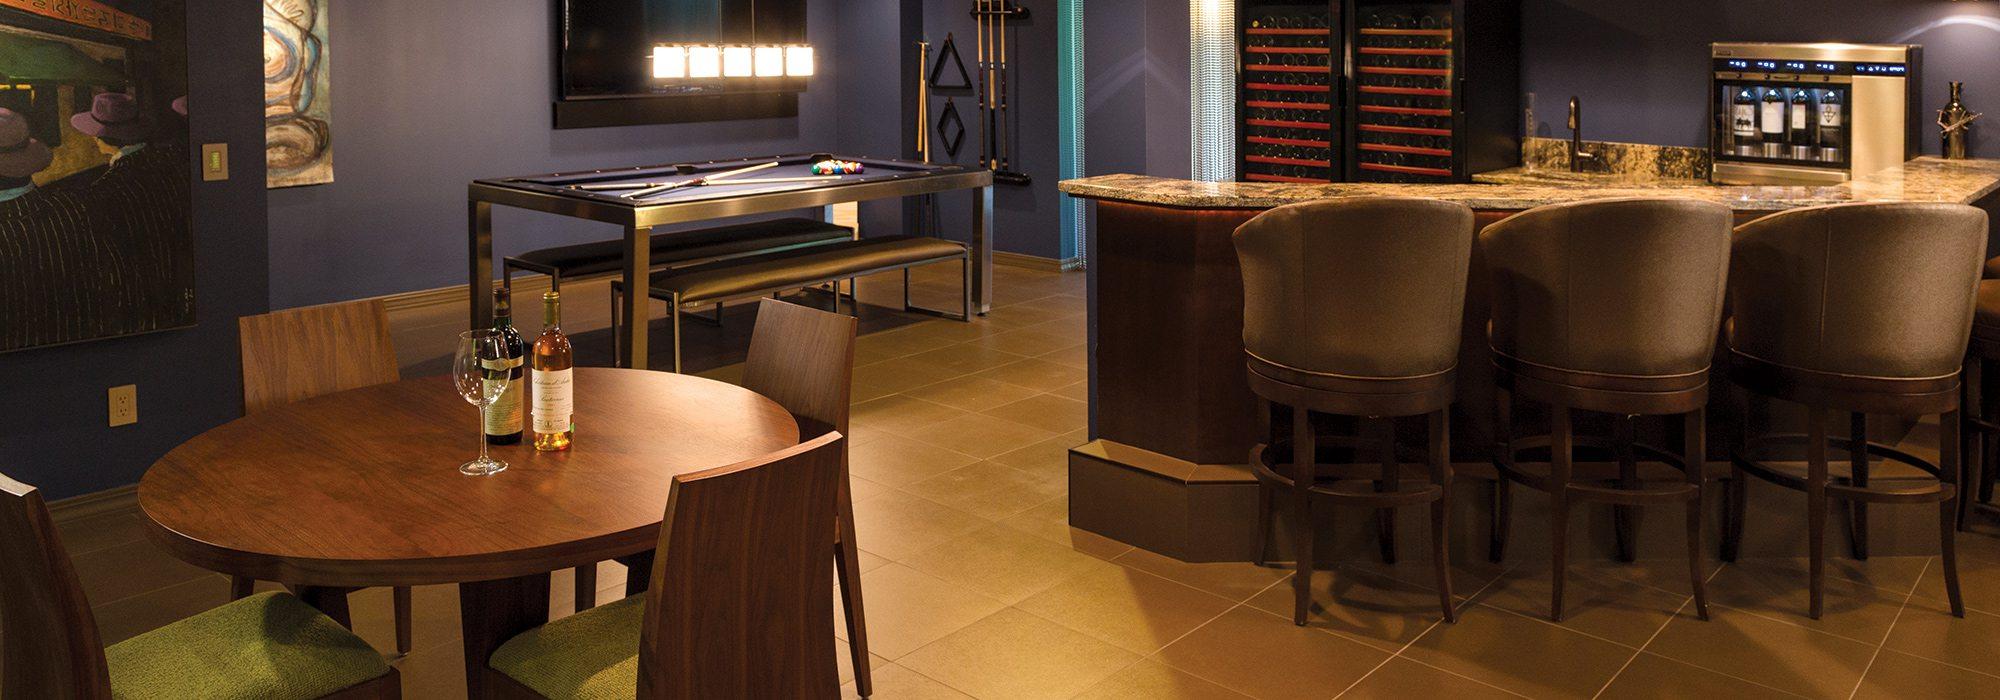 417 Home Design Awards 2015 - Family Room Winner